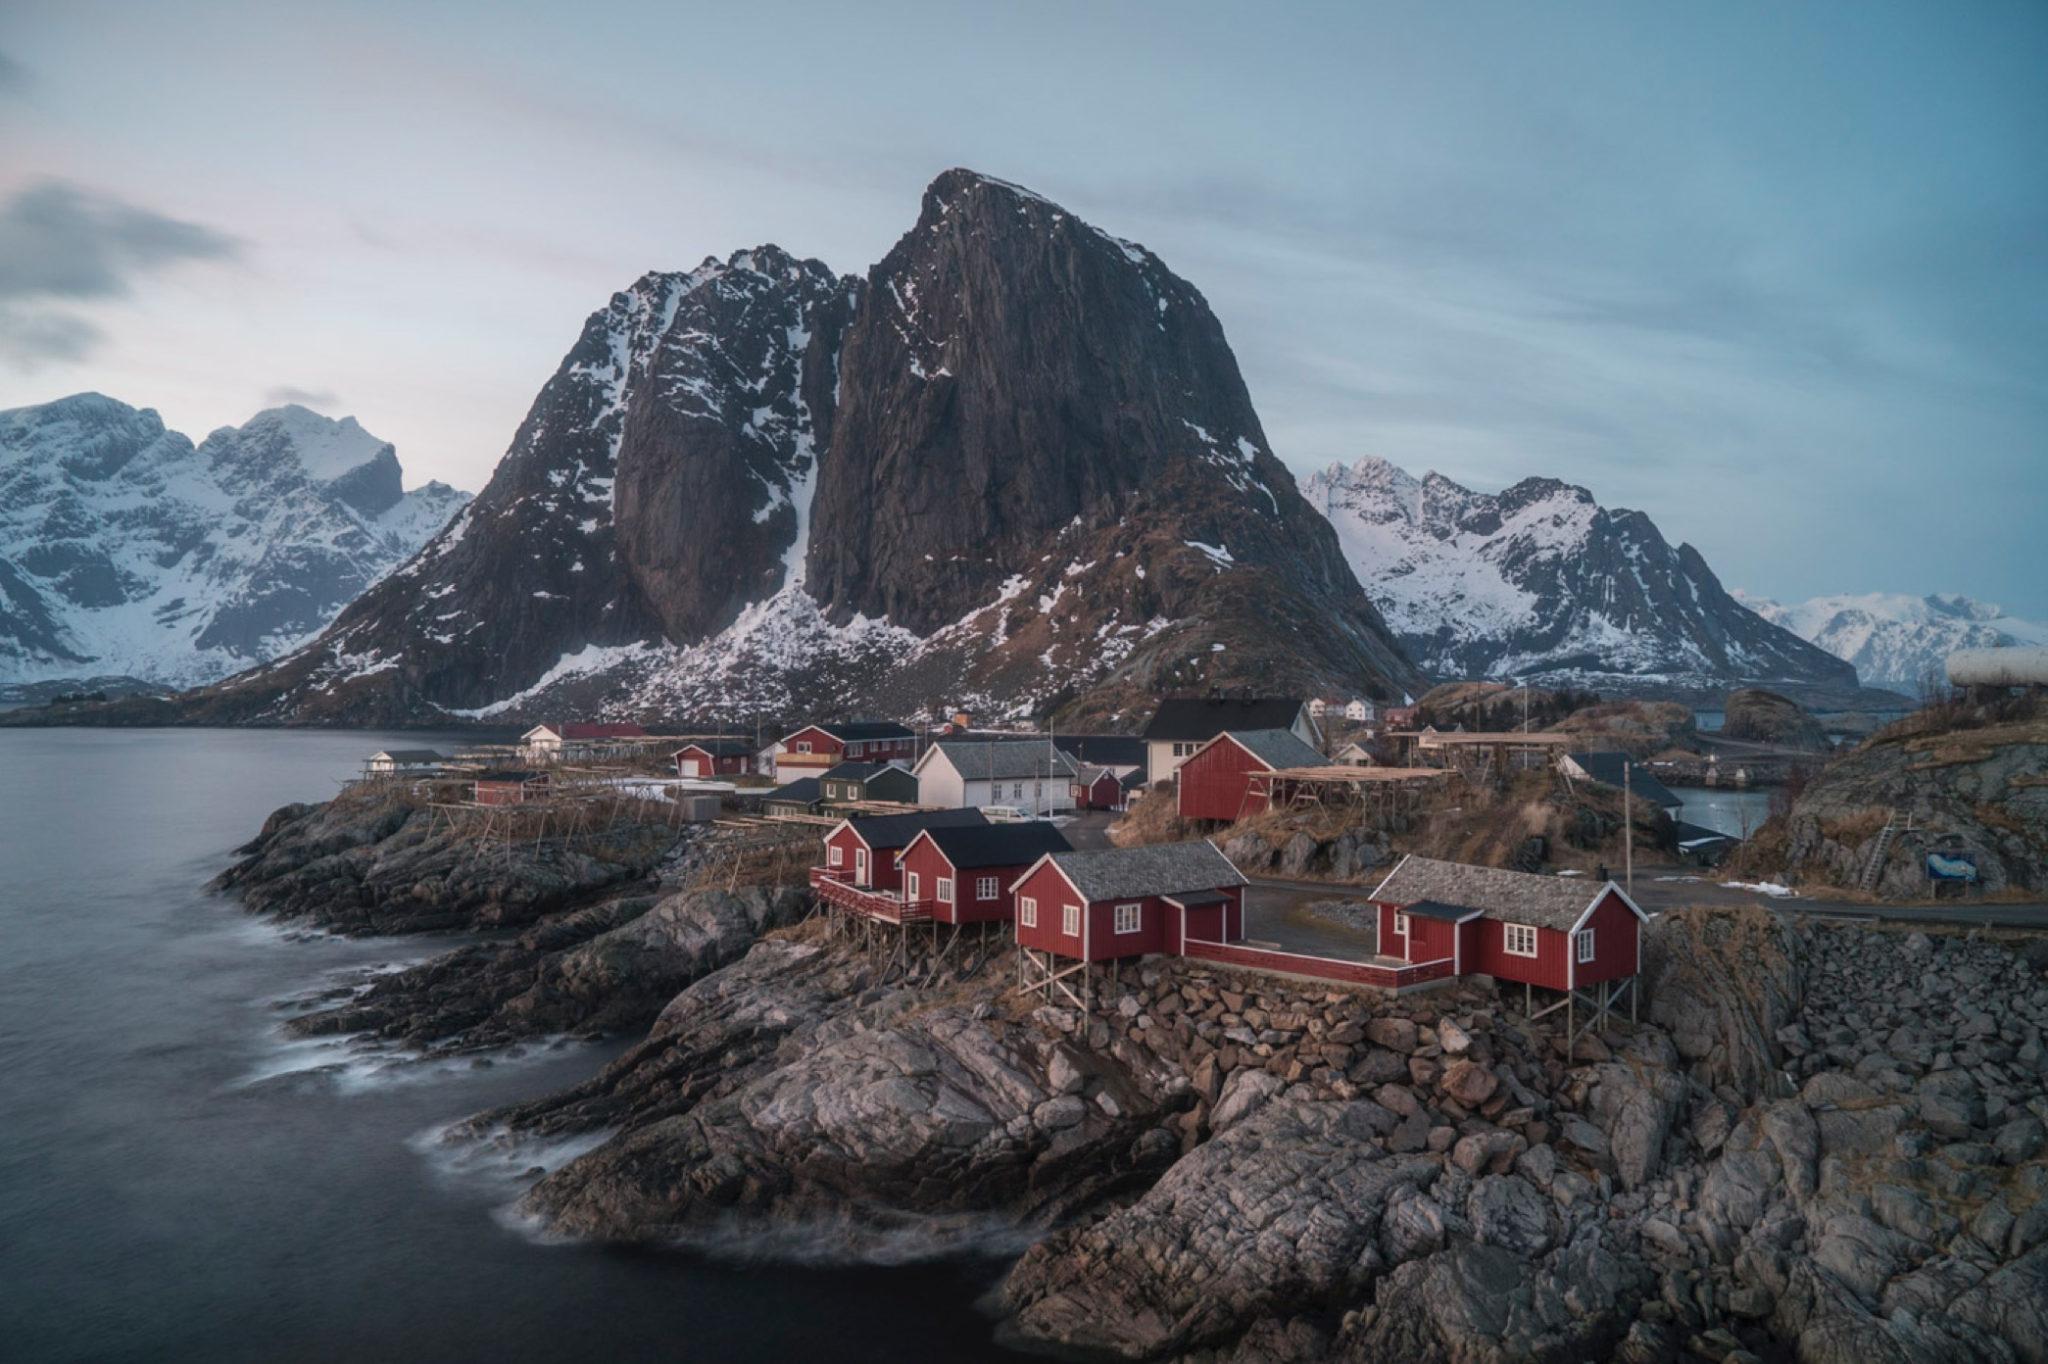 Lofoten, Norway video // Vidéo de Lofoten, Norvège